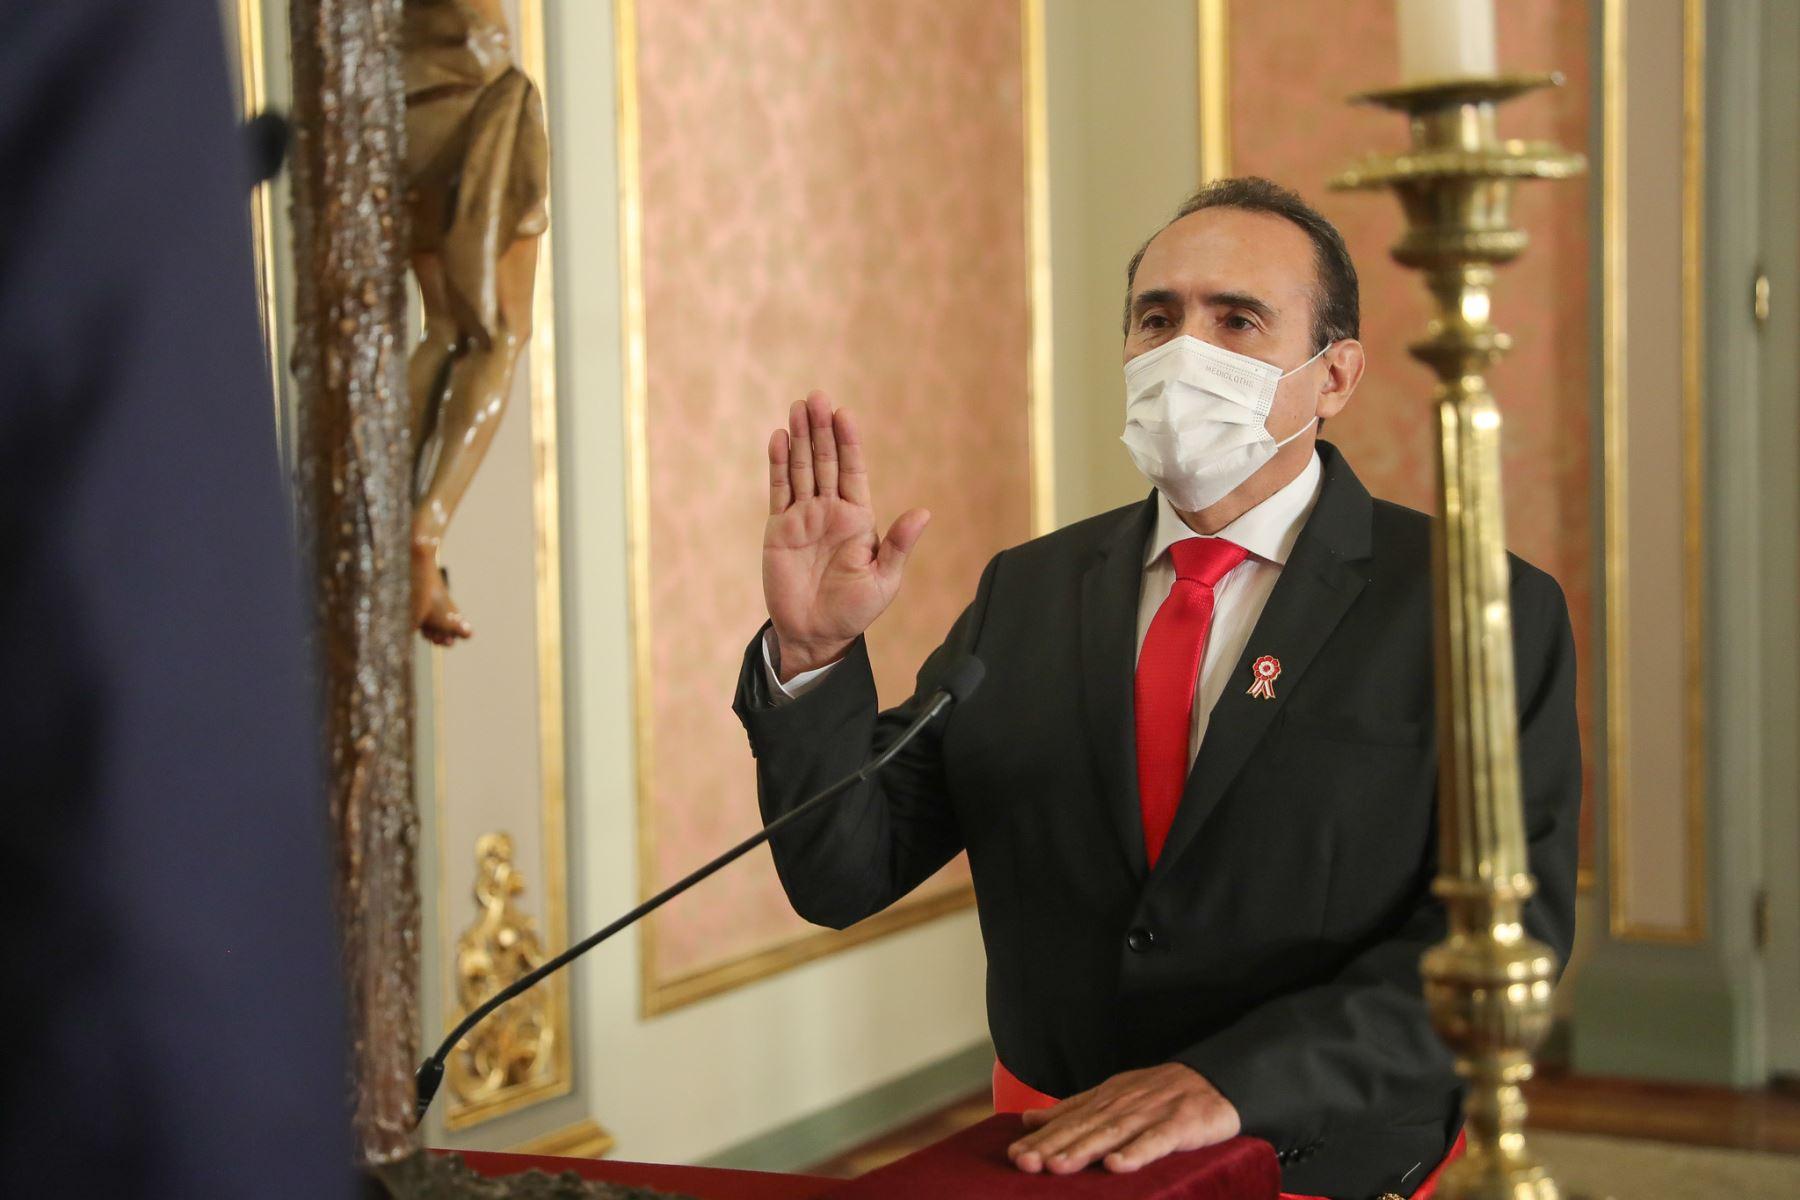 Presidente Martín Vizcarra tomo juramento de Carlos Estremadoyro como ministro de Transportes y Comunicaciones. Foto: ANDINA/Presidencia